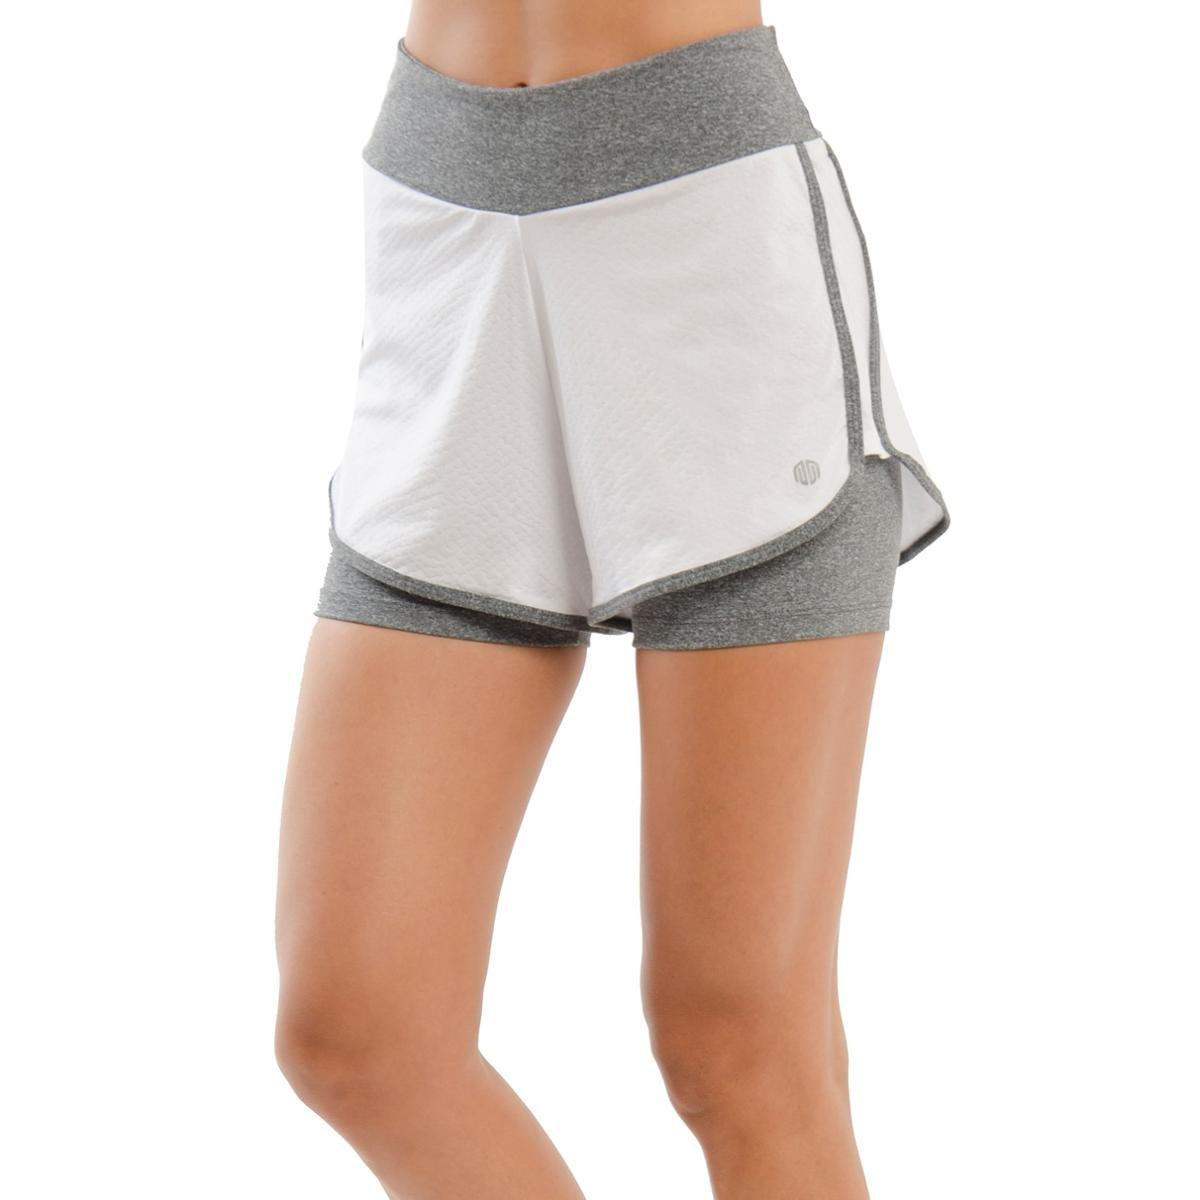 Shorts Influence Branco e Cinza - Compre Agora   Netshoes 2e2373fe4c